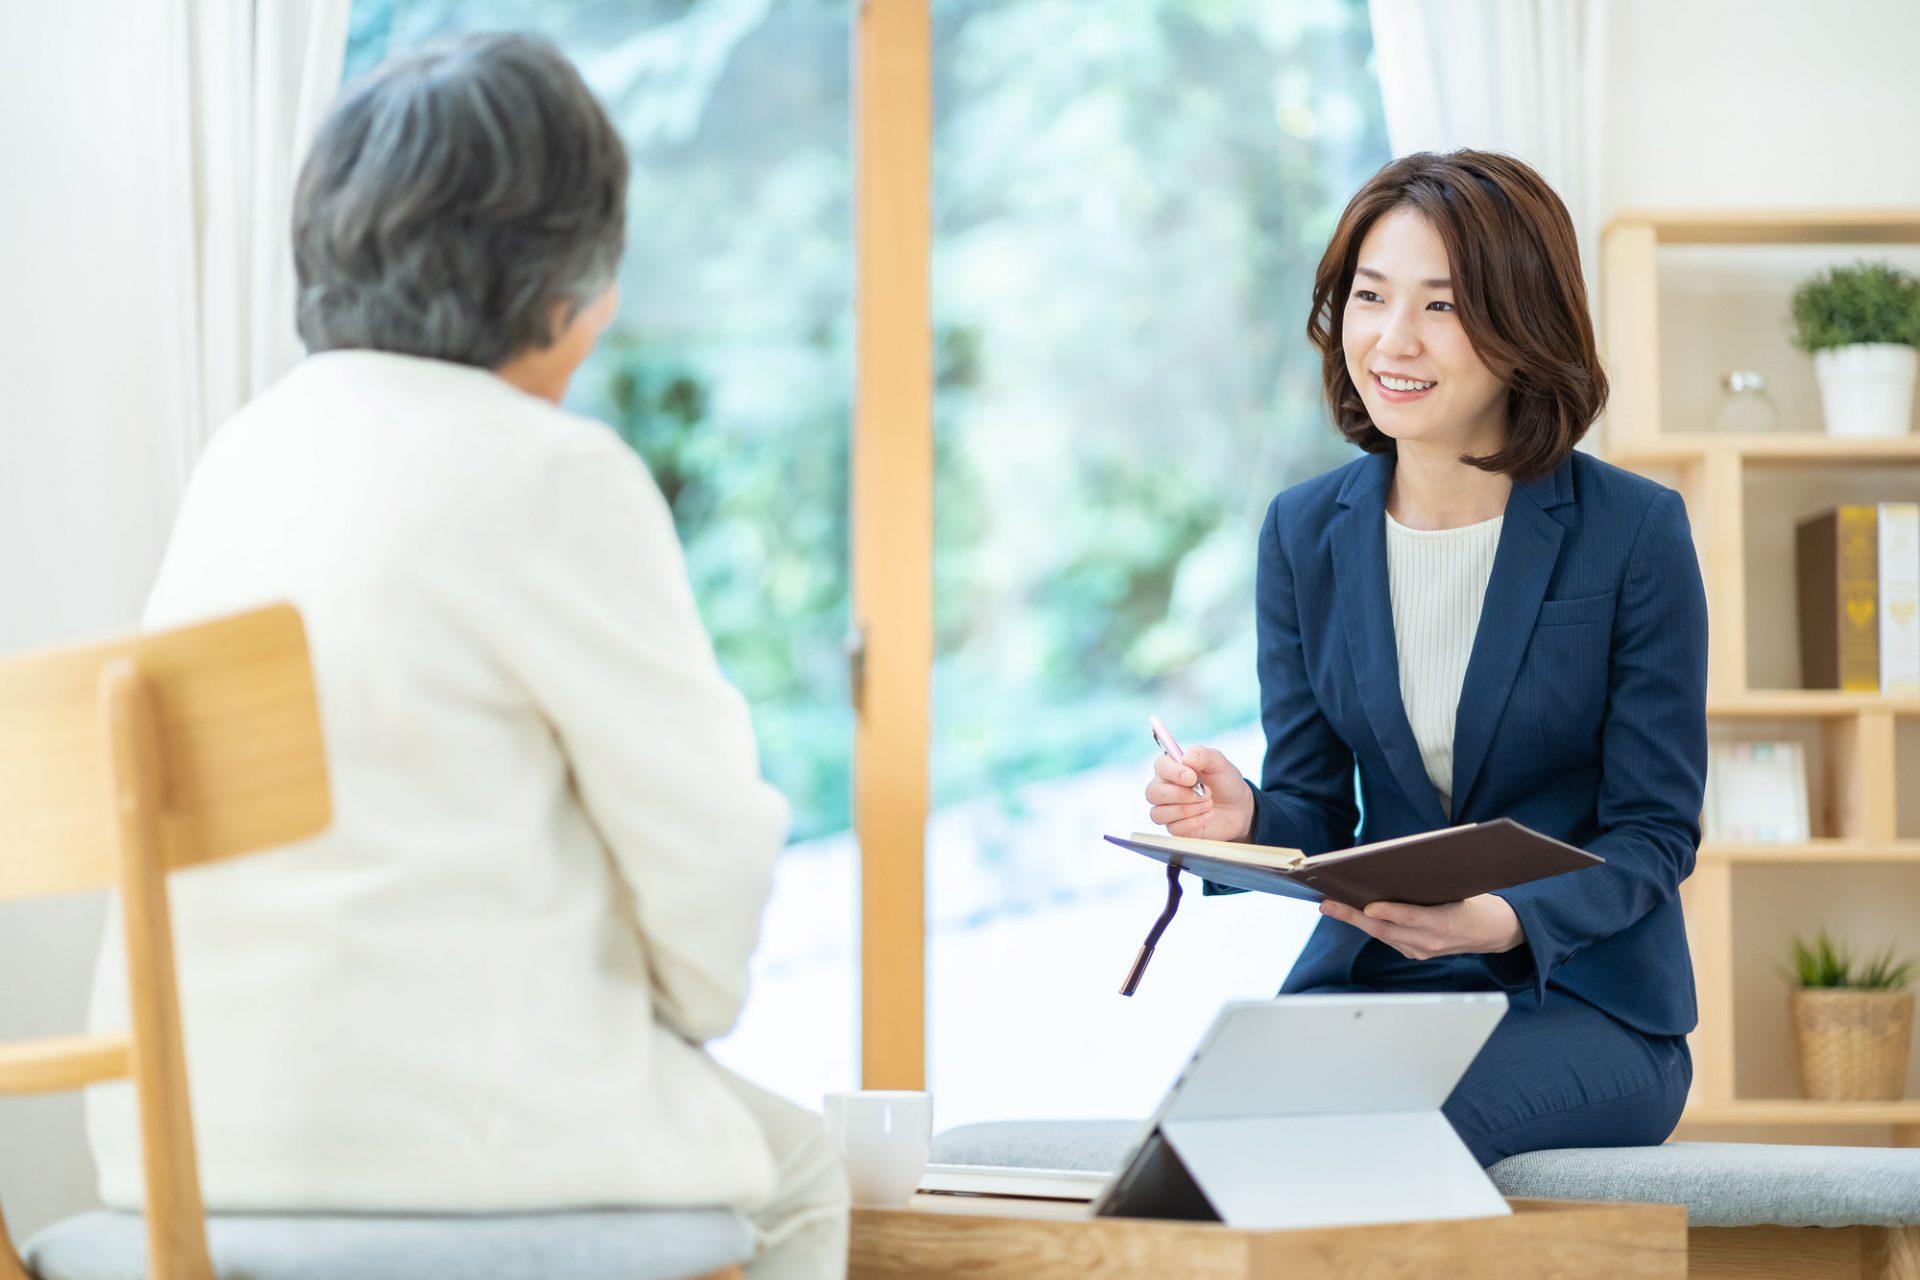 最初に相続の相談をするのは司法書士が良い理由 - 相続オナヤミ相談 花沢事務所